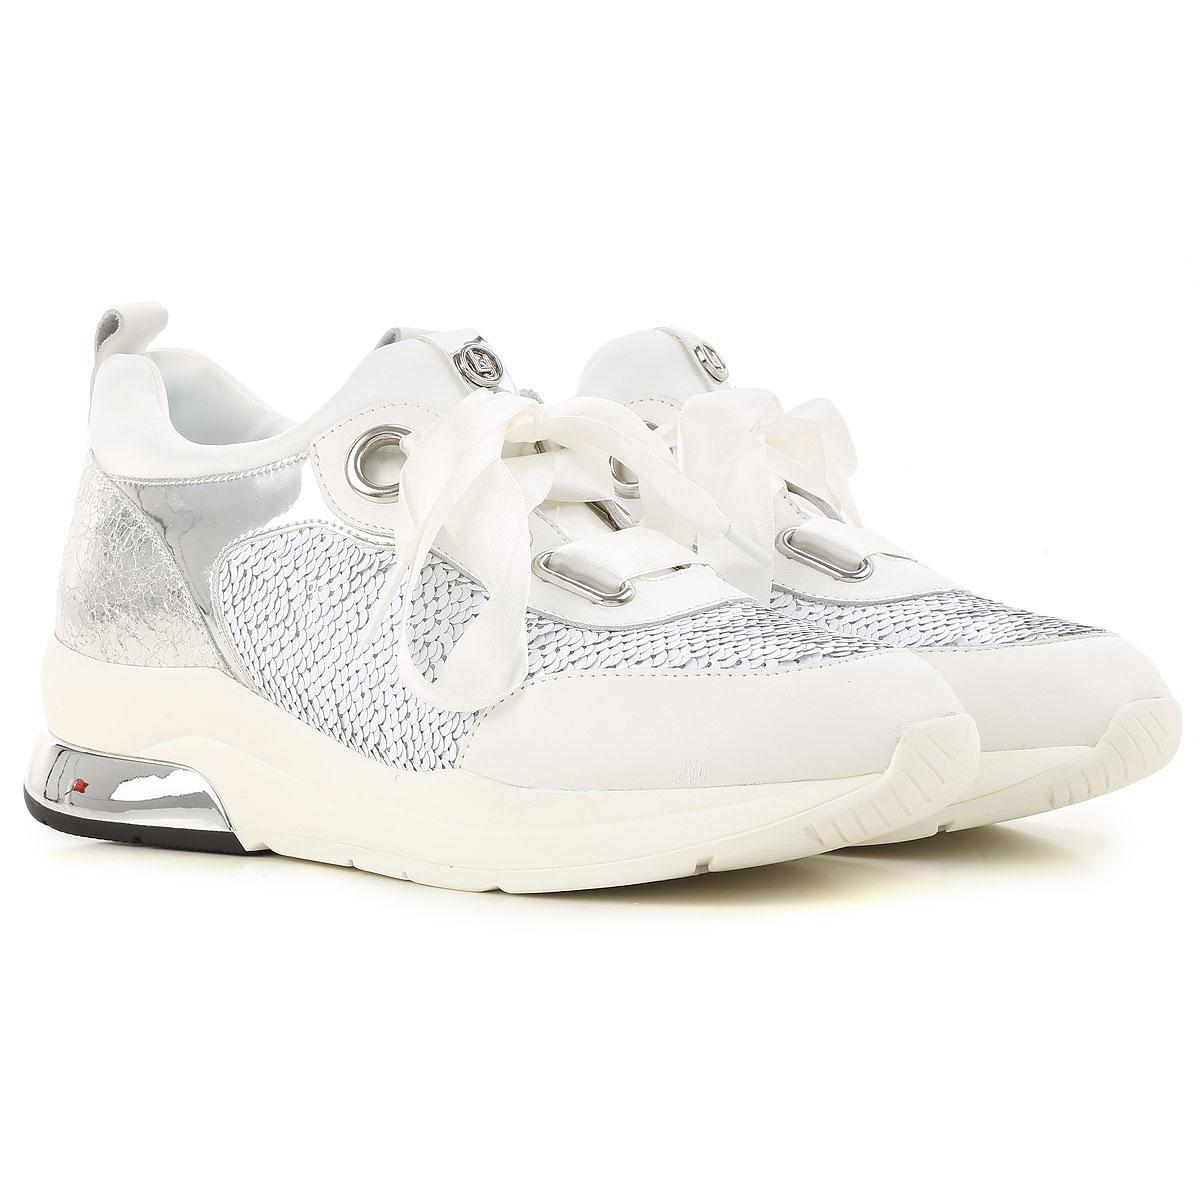 Lyst - Liu Jo Shoes For Women in White 1782360fa22